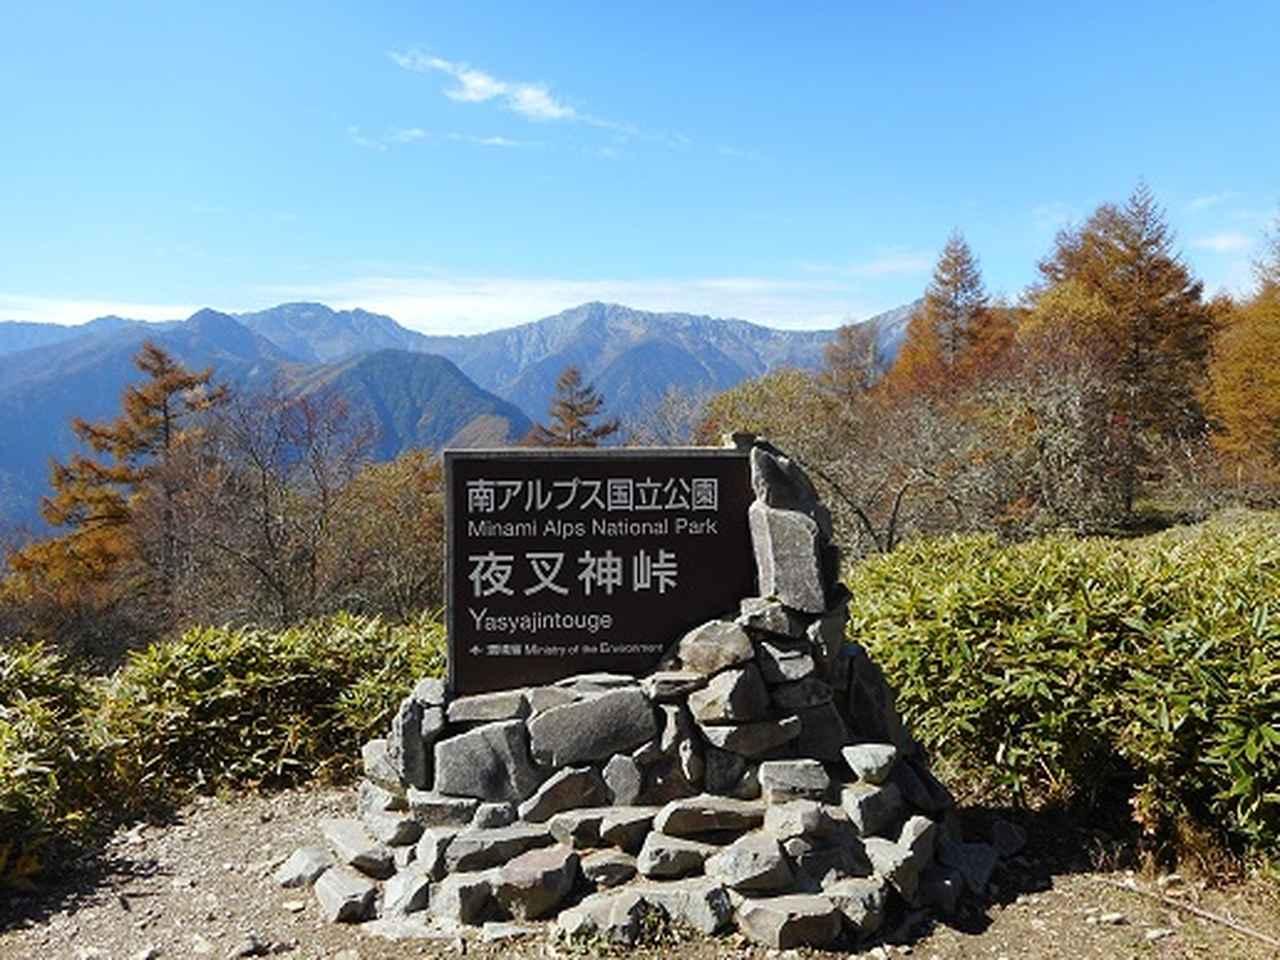 画像6: 【山旅会・登山ガイドこだわりツアー】岡田ガイドからの便り・夜叉神峠から高谷山ツアーの下見にいってまいりました!